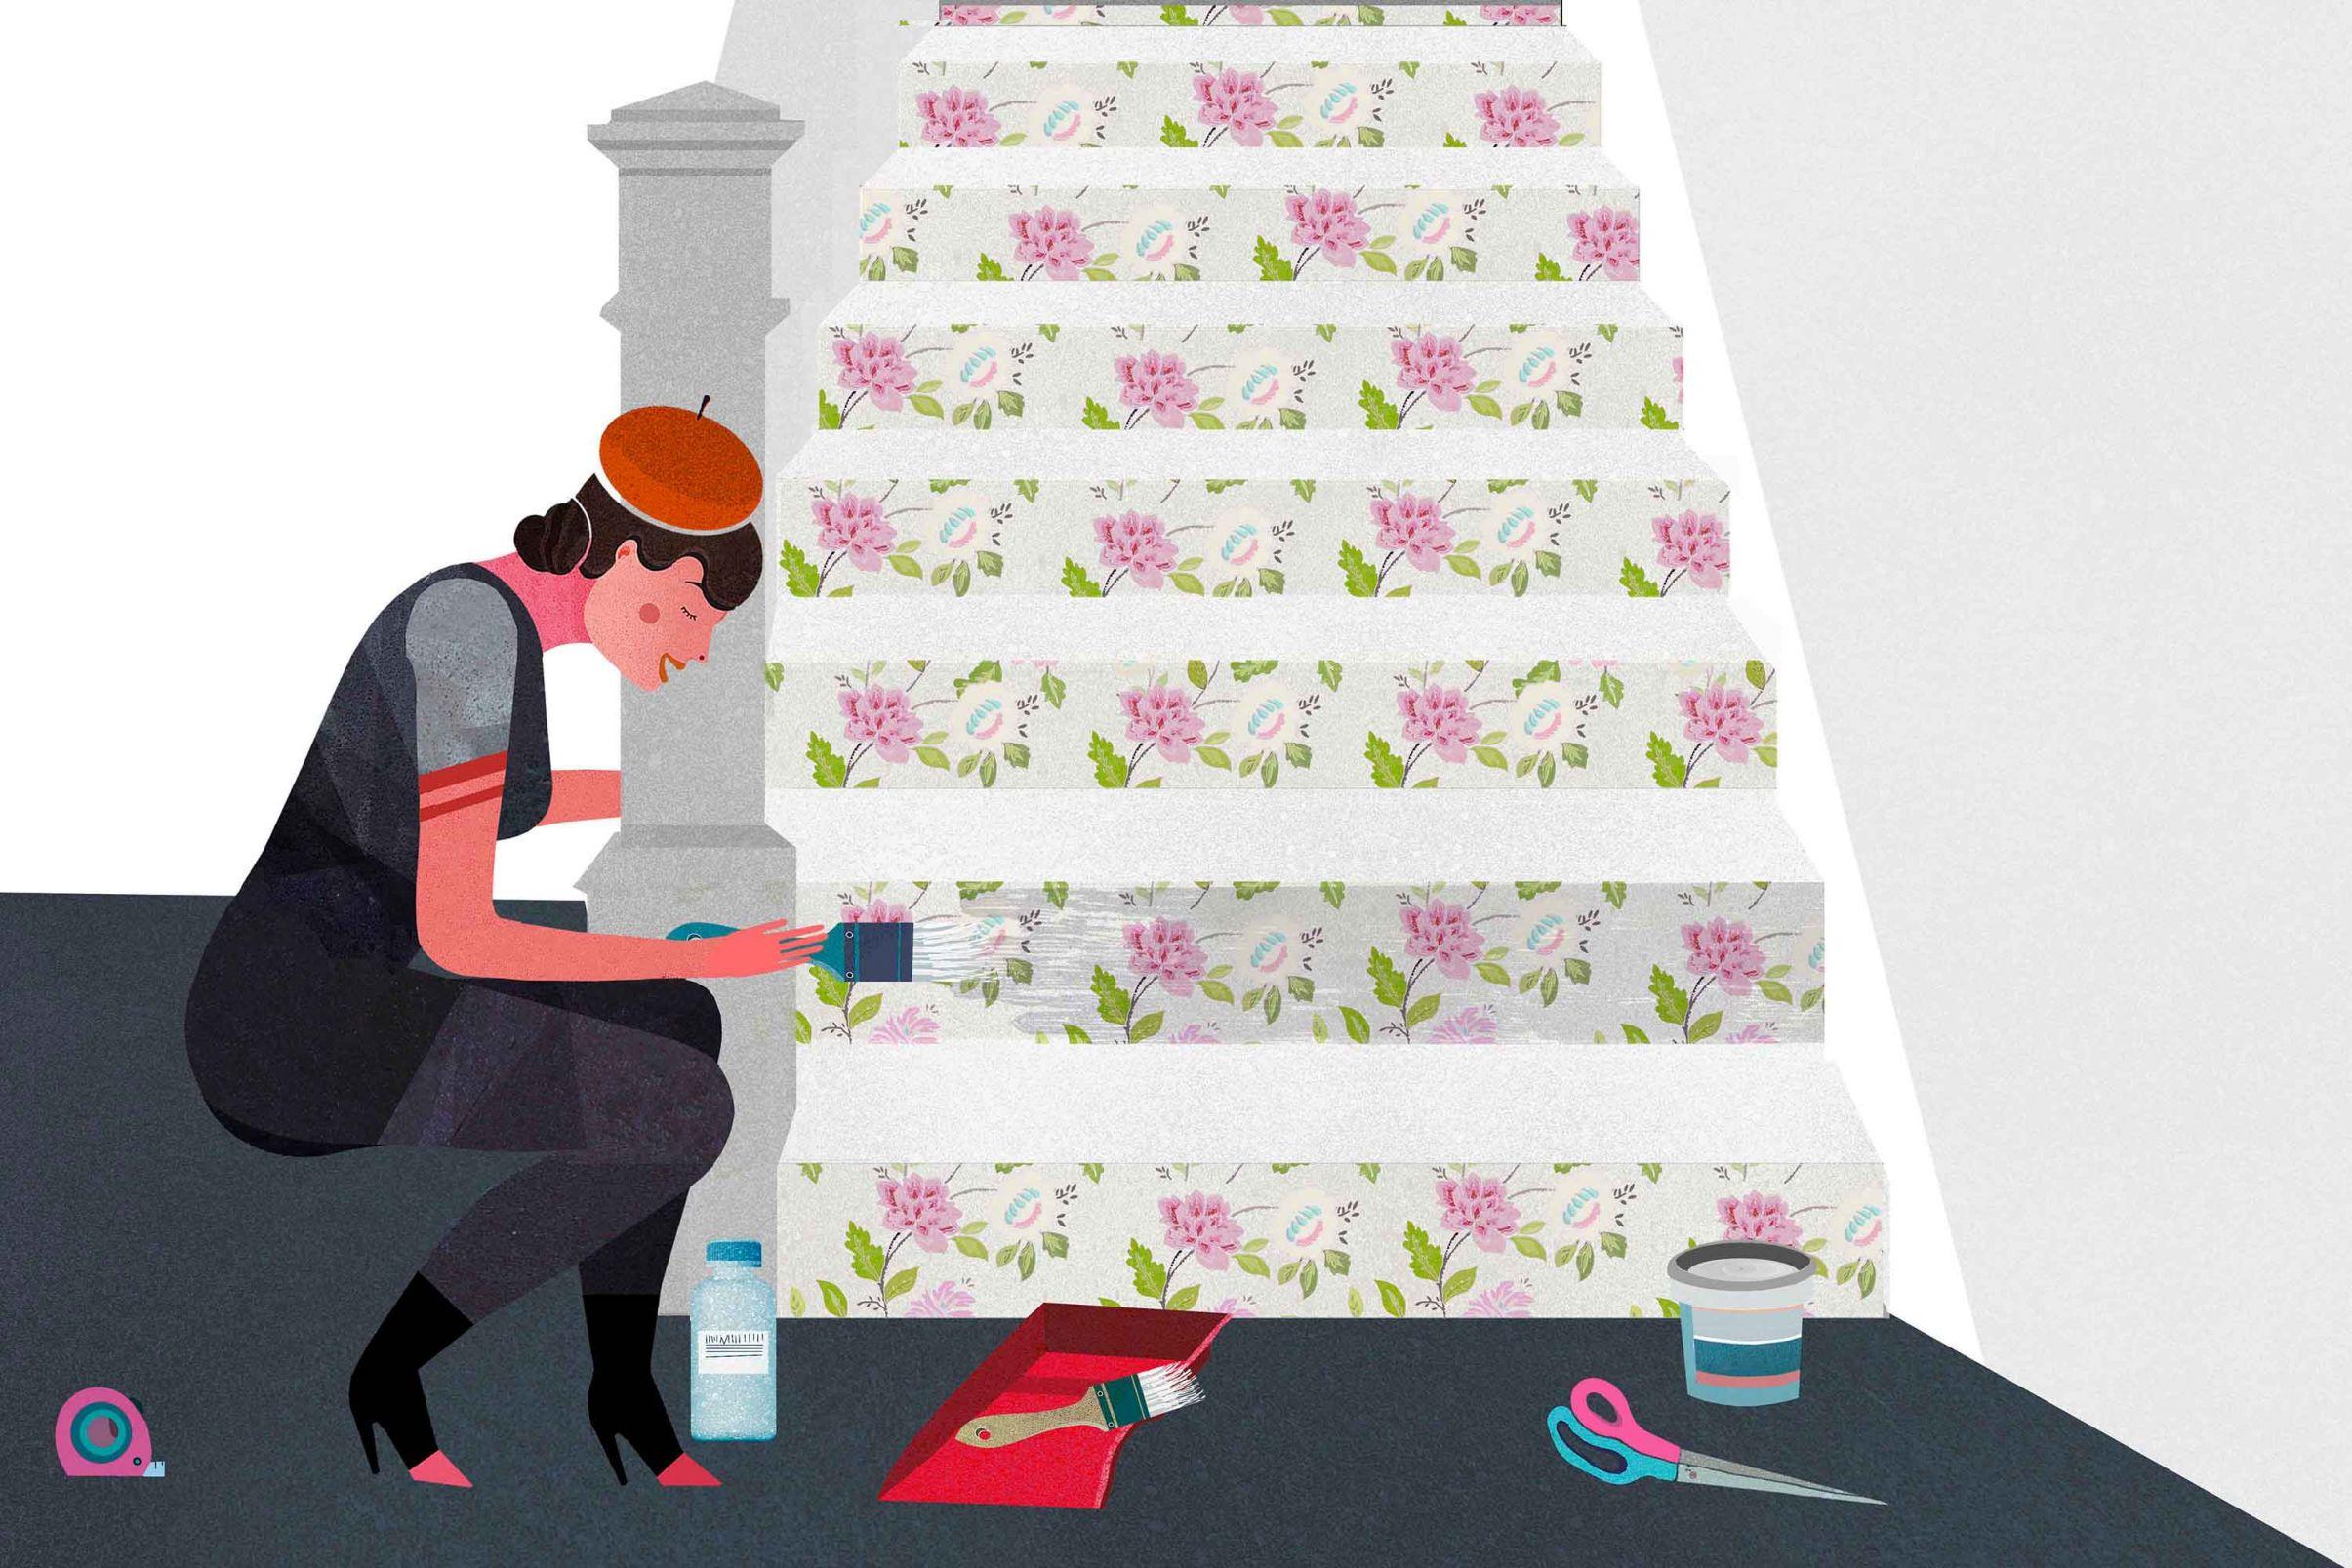 Como-embellecer-escaleras-con-papel-pintado-Aplicar-una-capa-de-pintura-latex-transparente